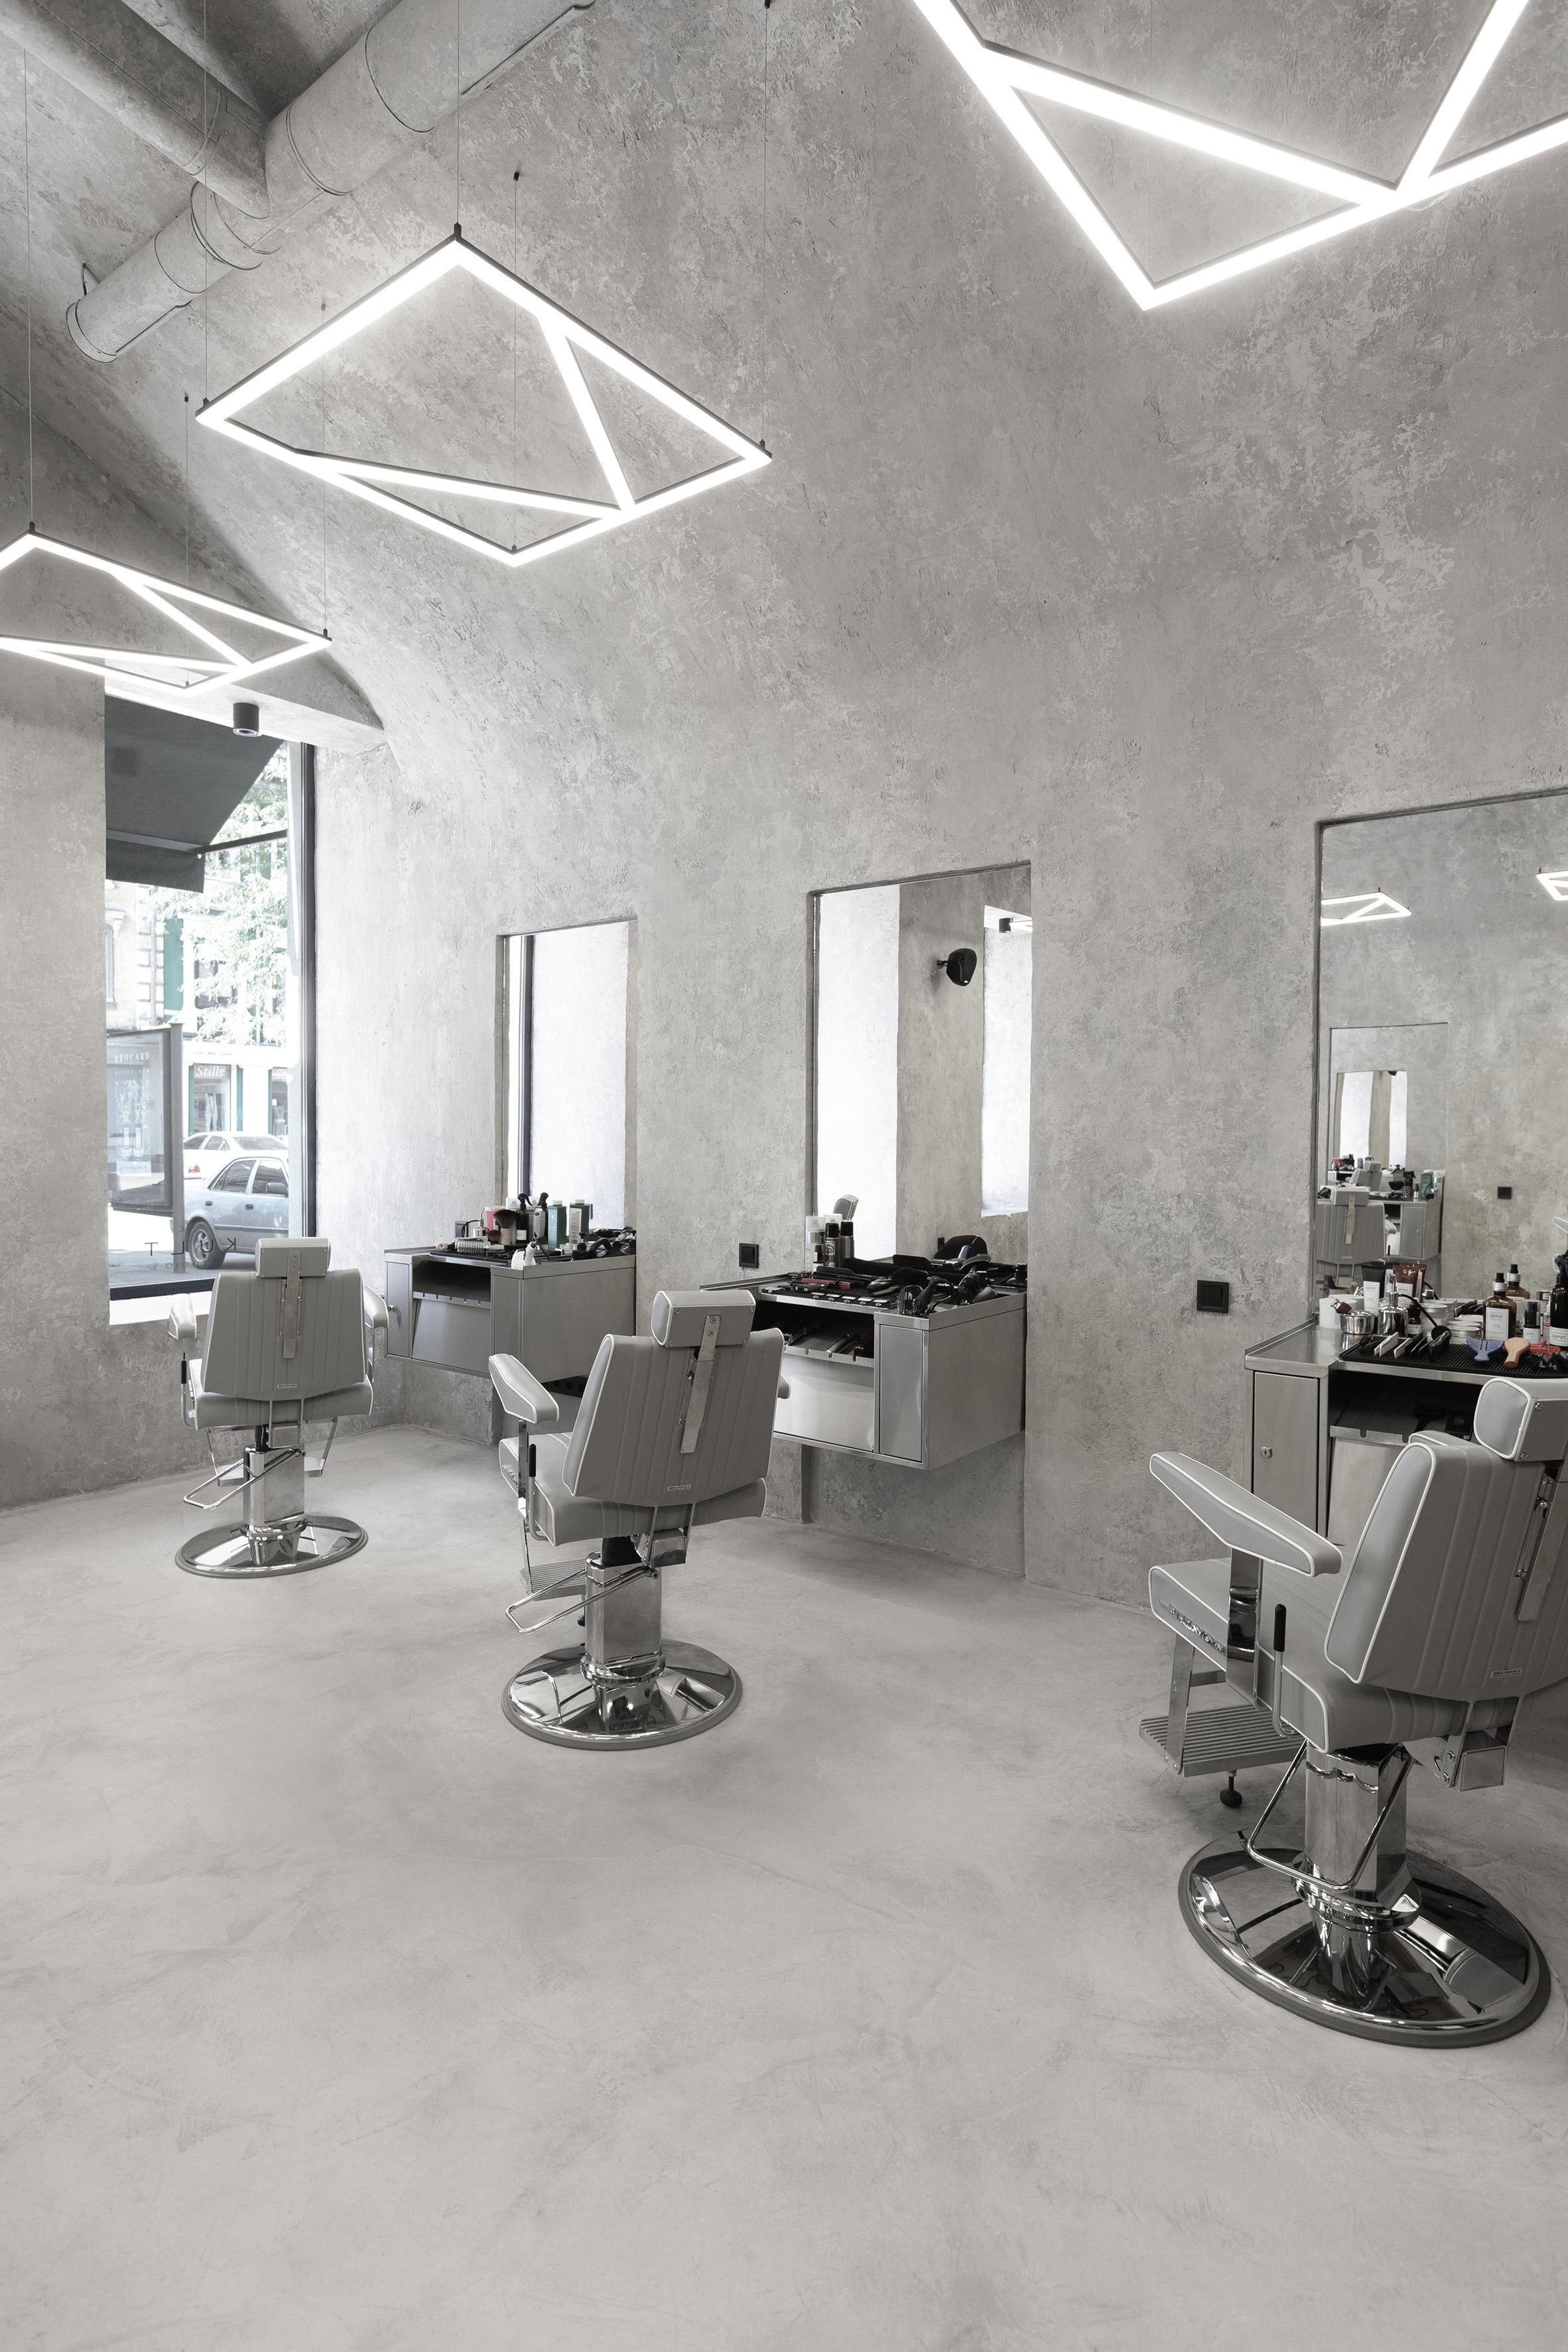 Kult barbershop in Ukraine, designed by Sivak & Partners